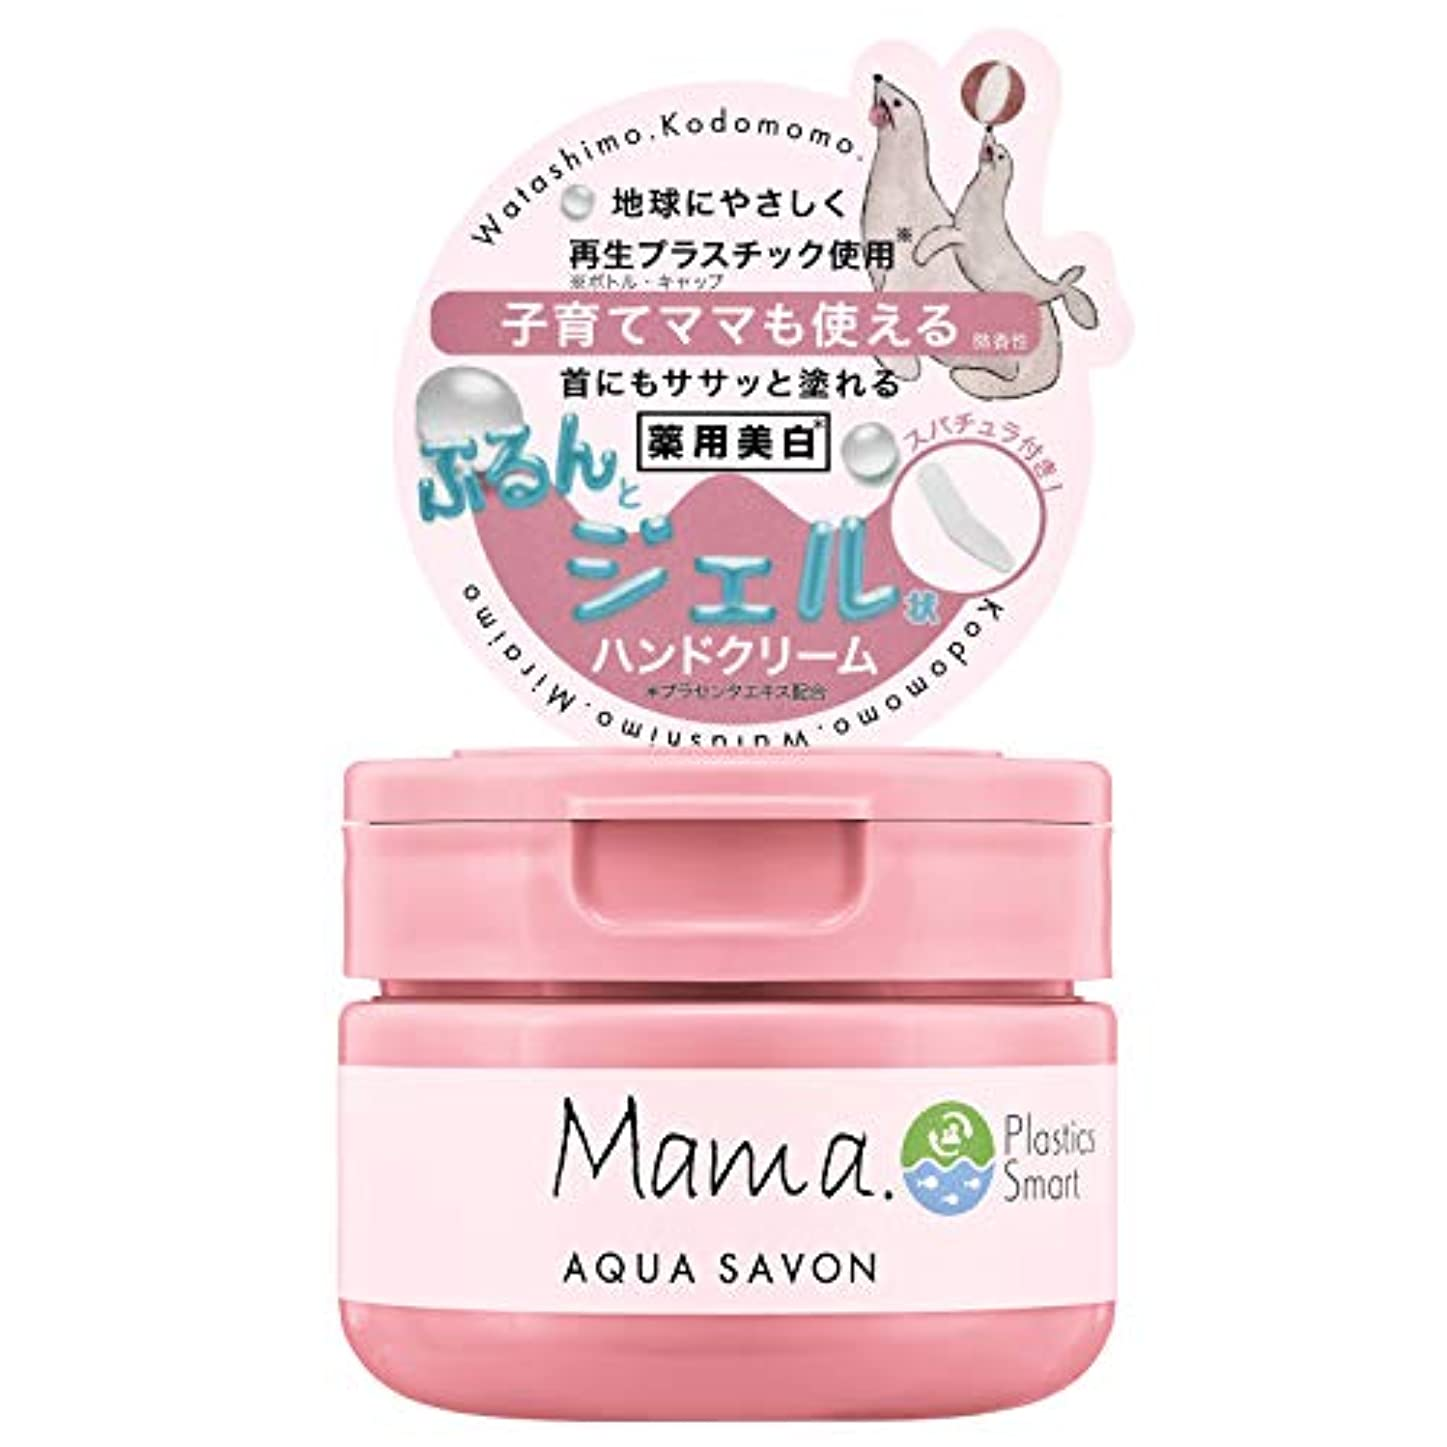 慰め夢ひばりAQUA SAVON(アクアシャボン) ママアクアシャボン 薬用美白 ハンドクリーム フラワーアロマウォーターの香り 19A 80g